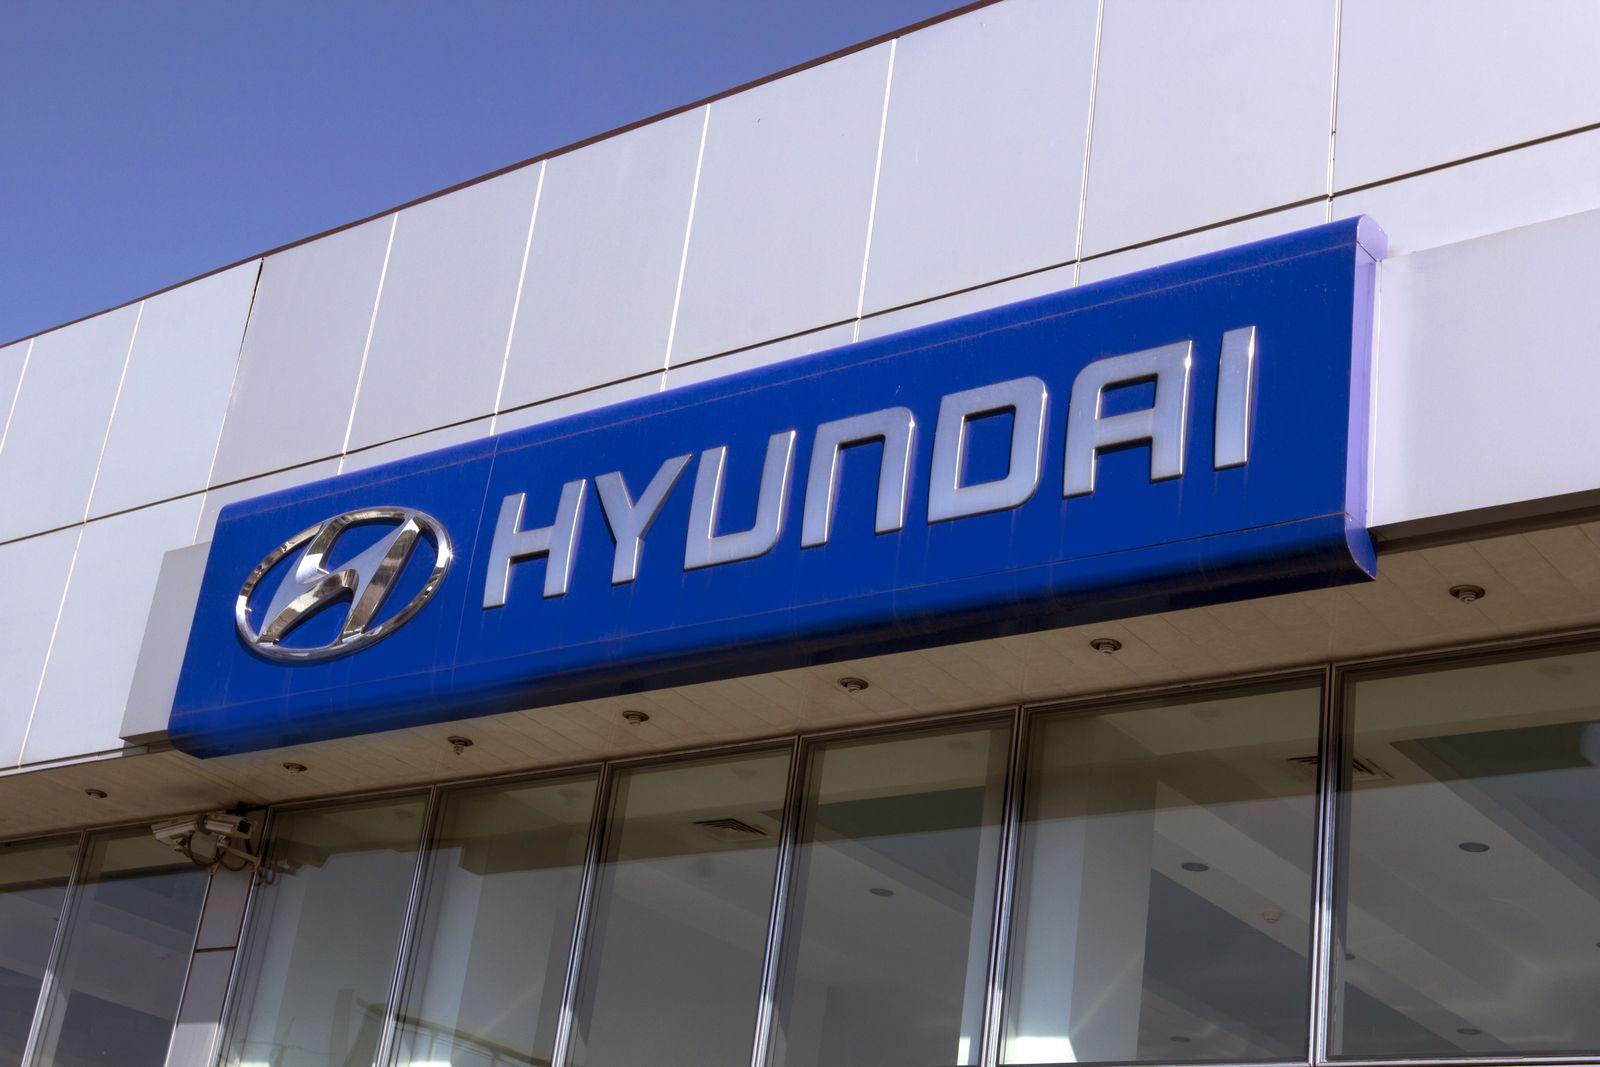 Hyundai Aluminum Sign